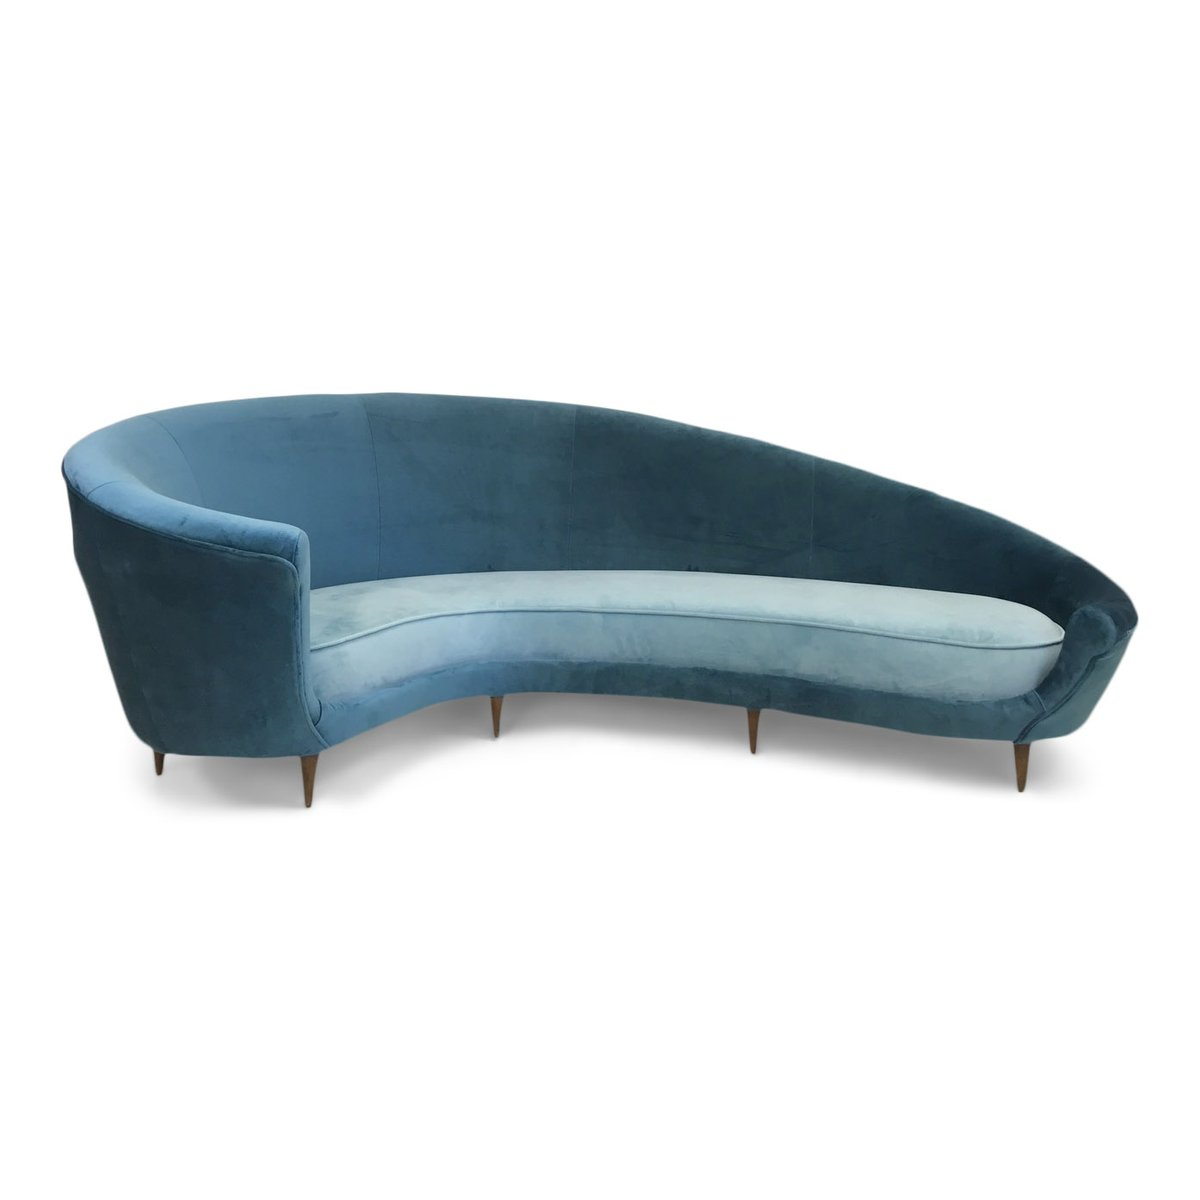 italienisches gebogenes sofa aus samt 1950er bei pamono kaufen. Black Bedroom Furniture Sets. Home Design Ideas